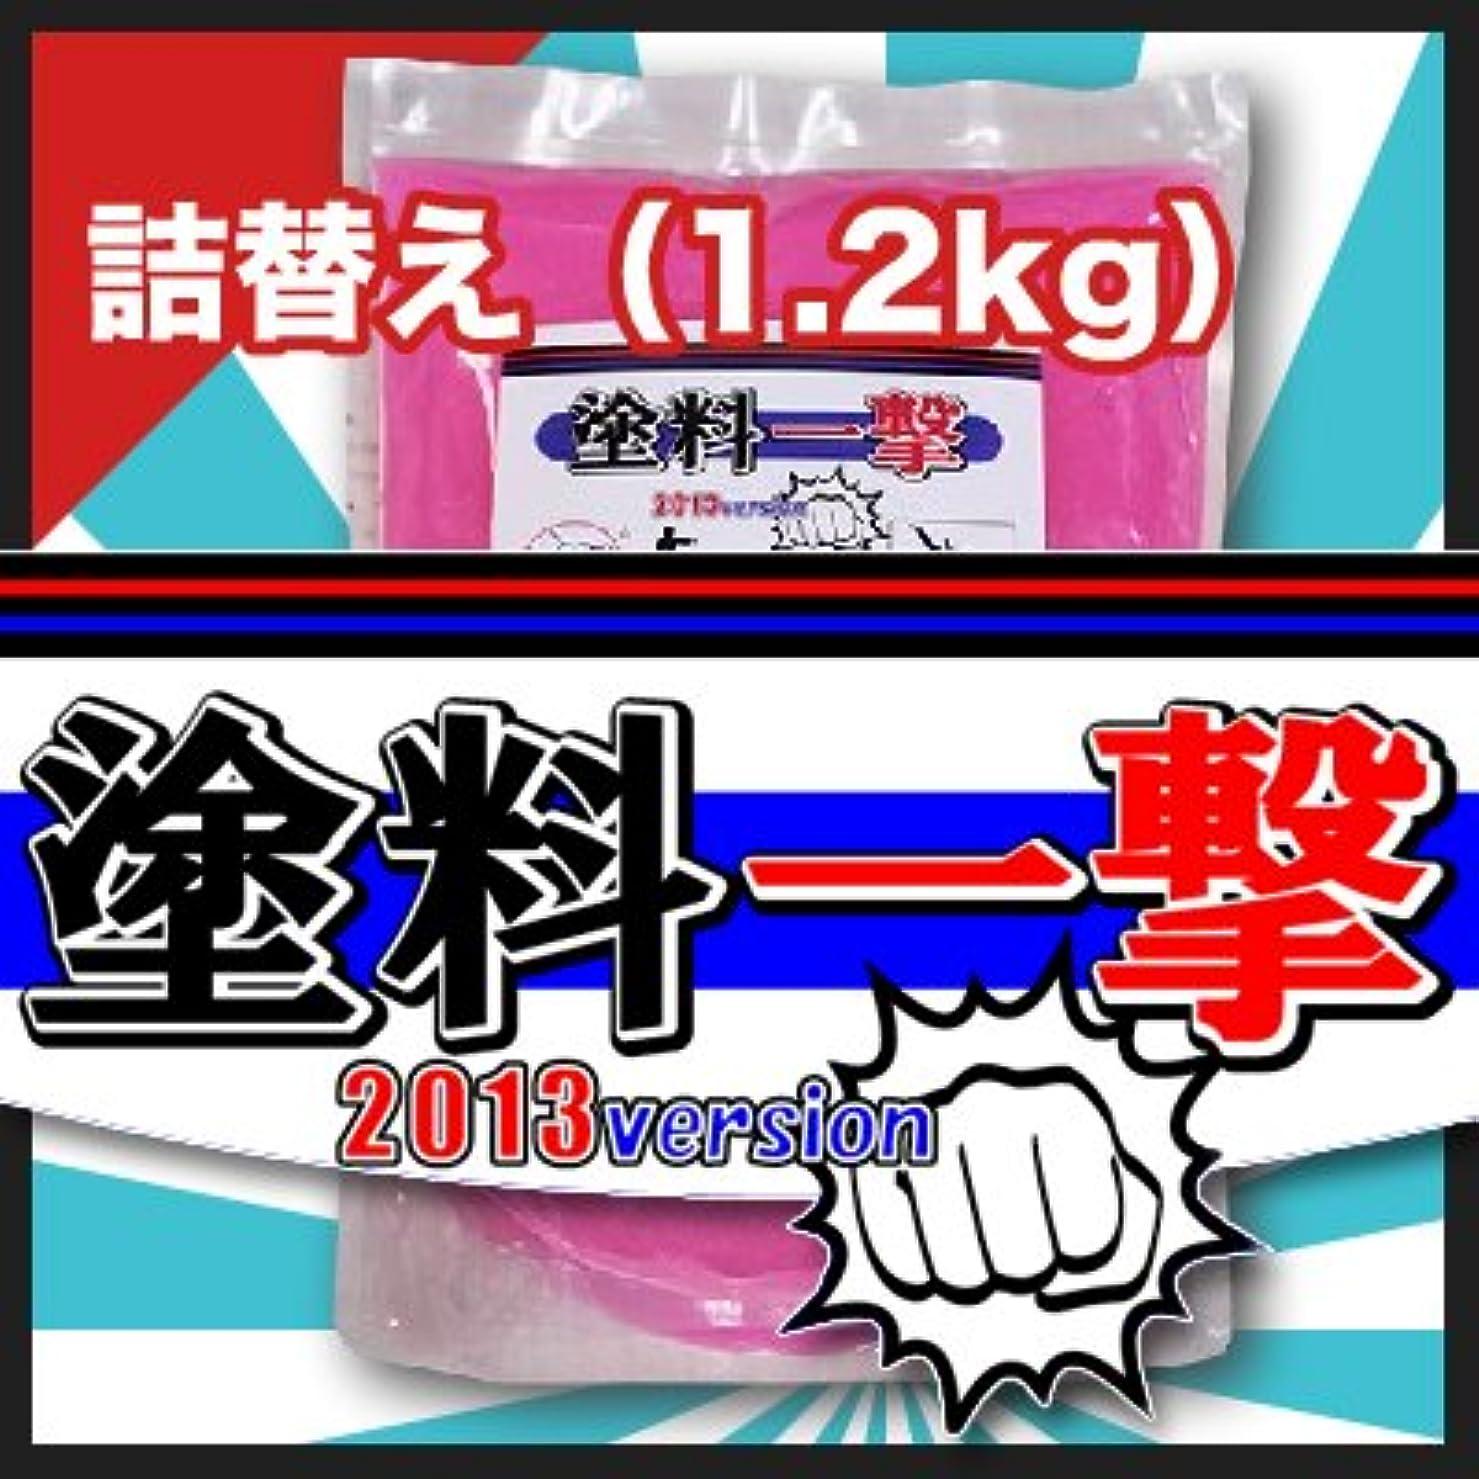 私の残り蒸発D.Iプランニング 塗料一撃 2013 Version 詰め替え (1.2kg)